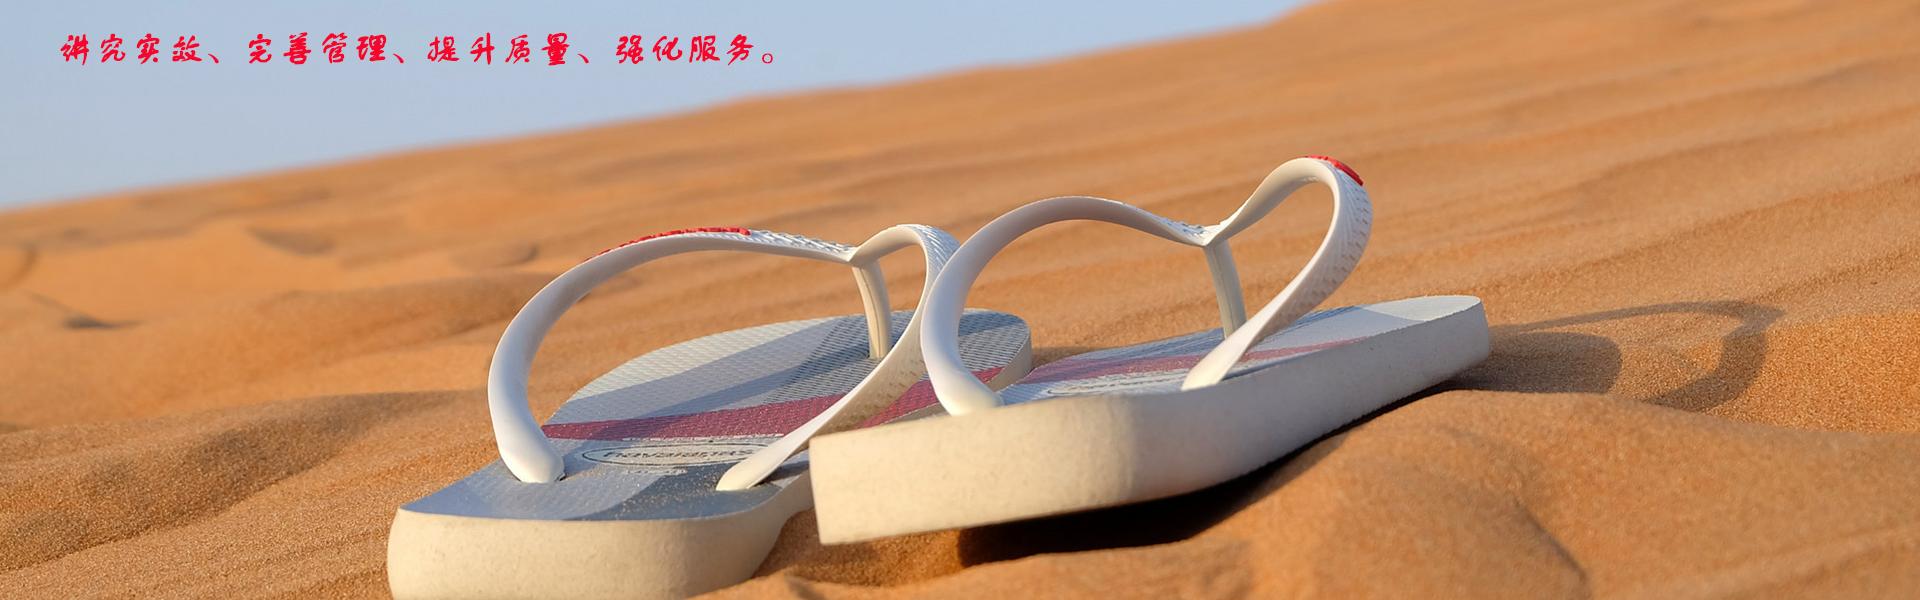 杭州曼登凉鞋